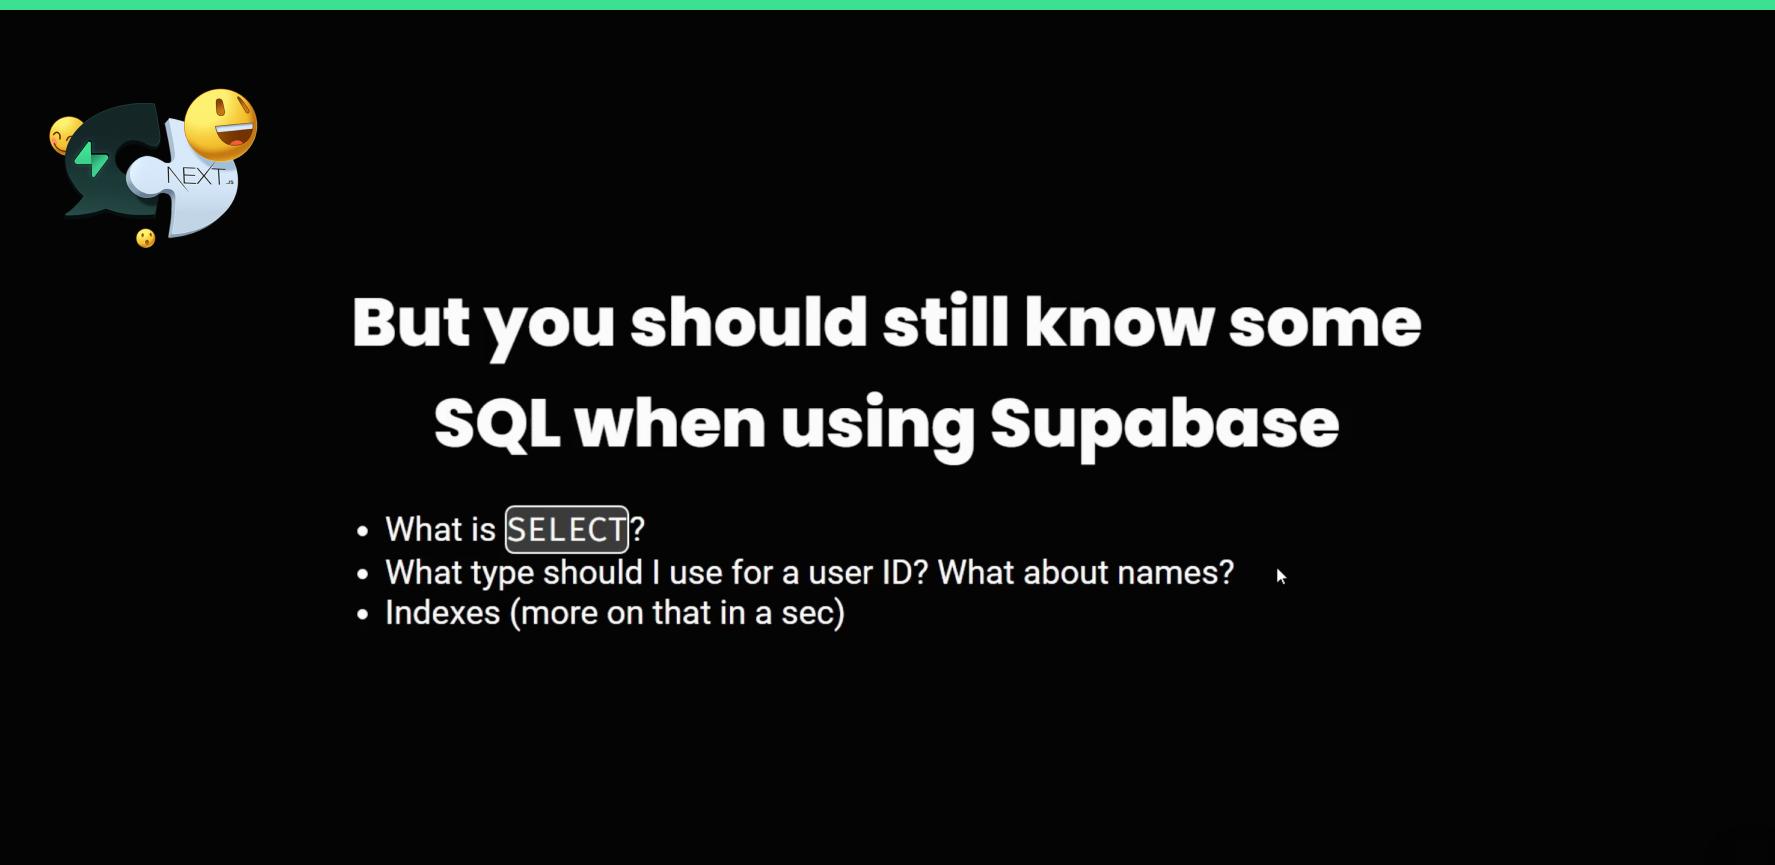 SQL for Supabase